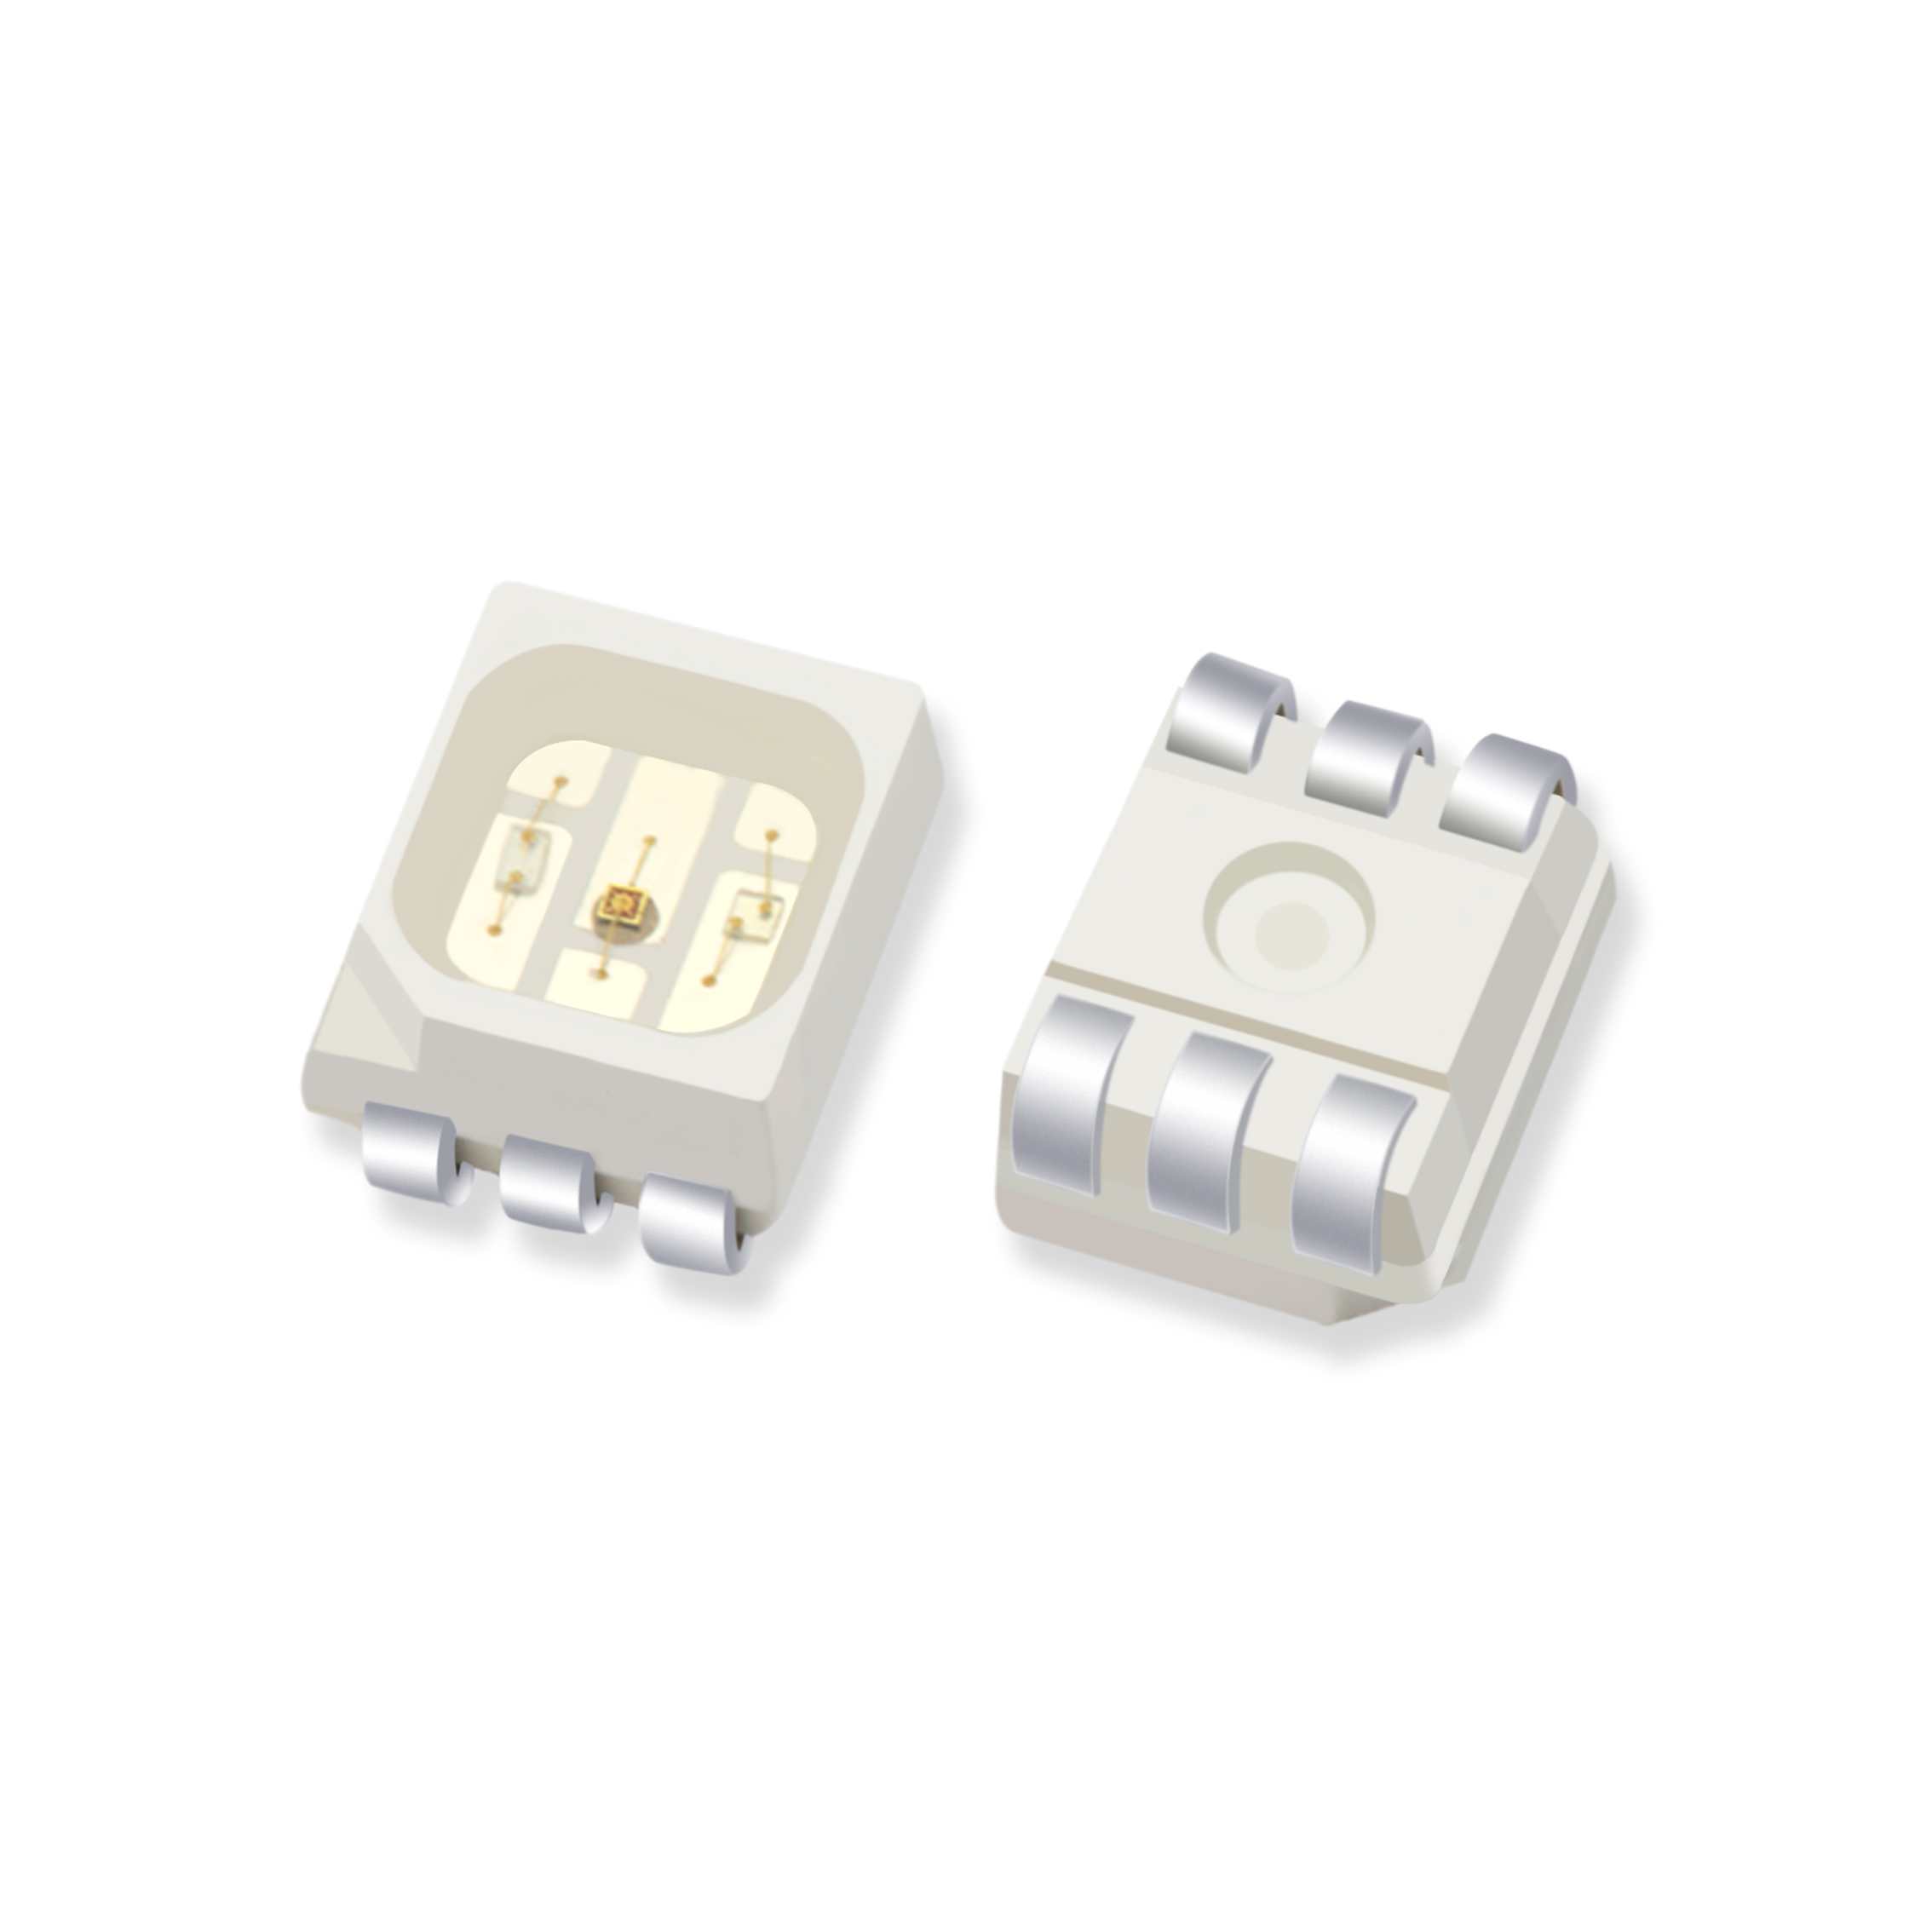 貼片3528RGB六腳(jiao)led燈珠(zhu)